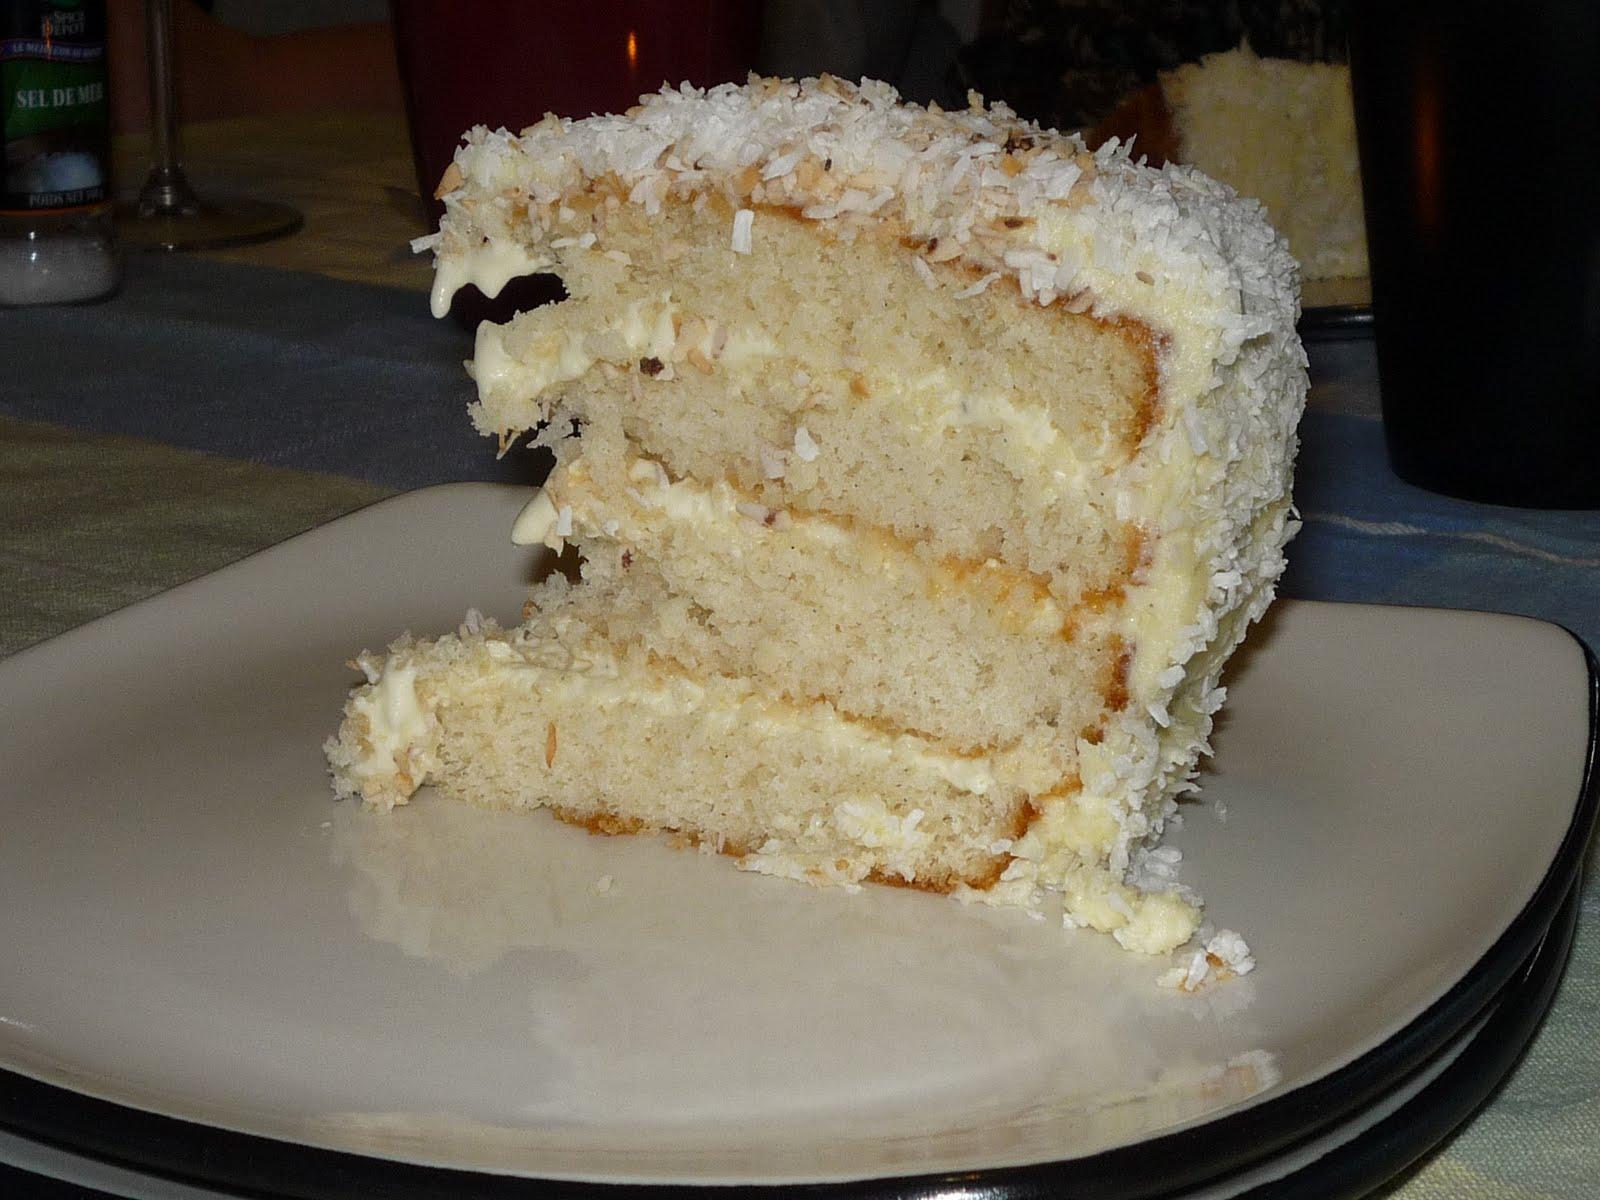 Coconut cream cake recipe bobby flay